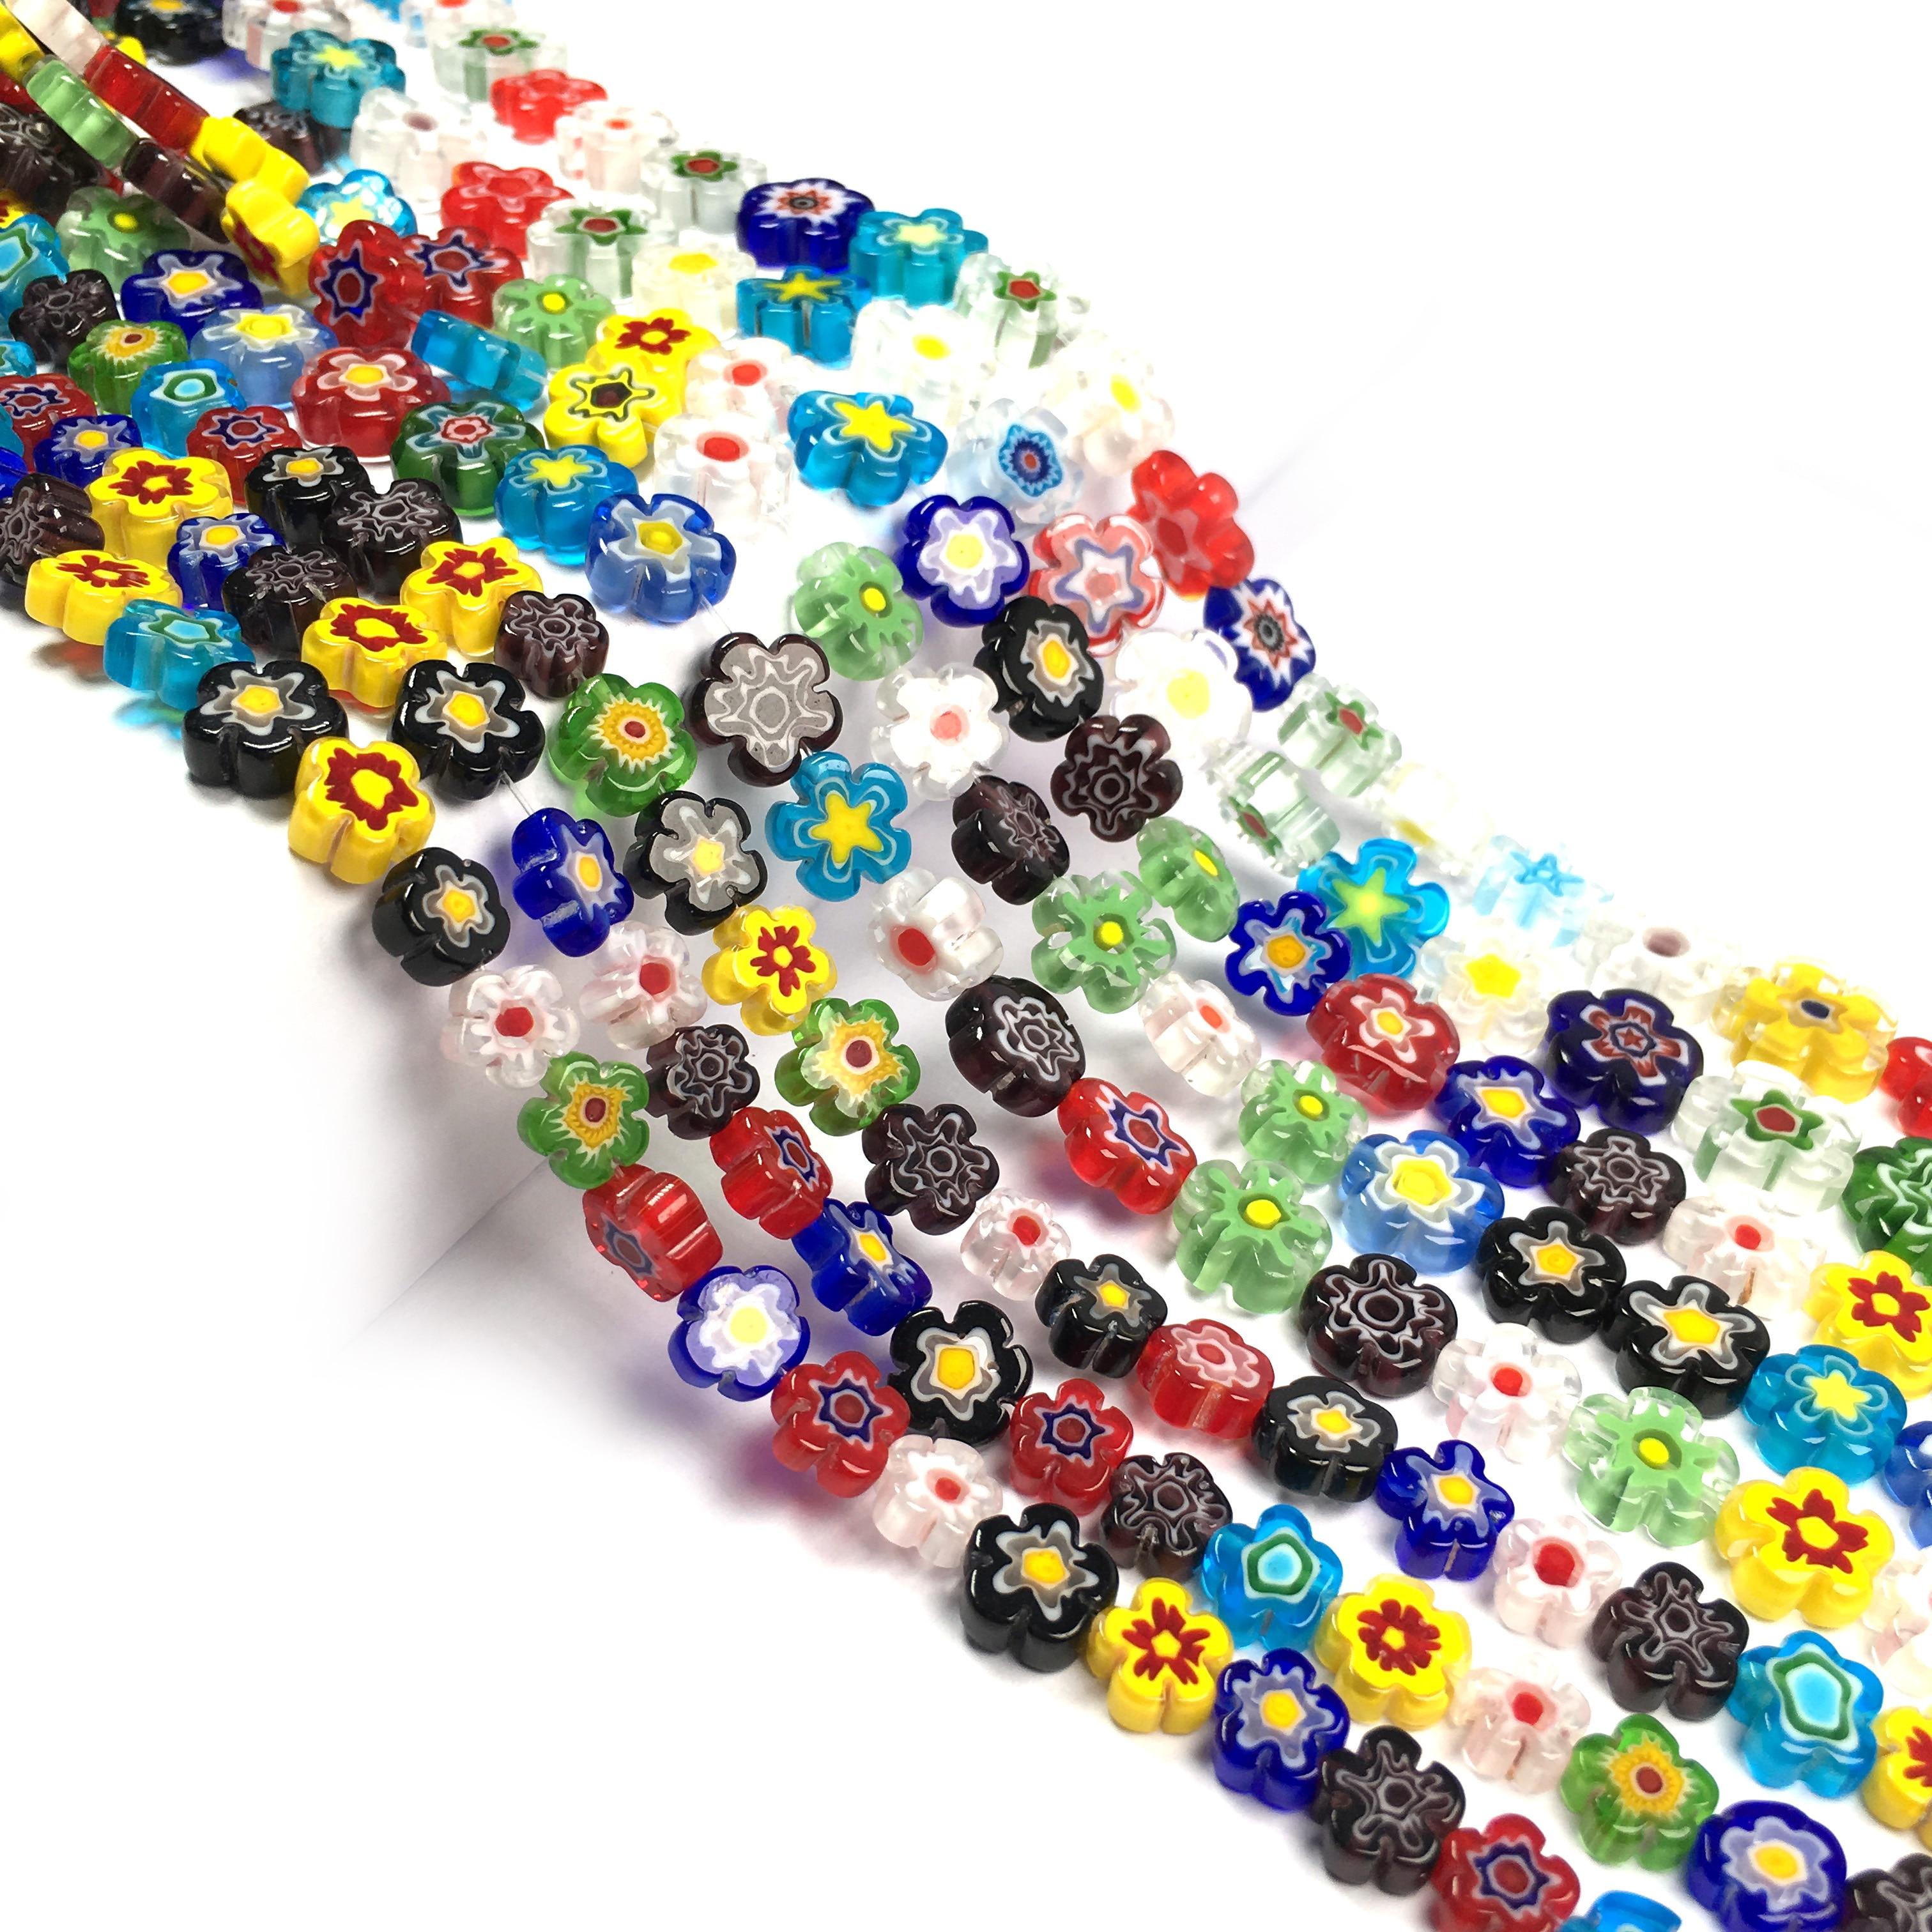 Venta al por mayor dijes cuentas de piedra de cristal Millefiori cuentas de cristal de Murano con forma de flor para hacer joyería collar pulsera DIY 9/11 /13